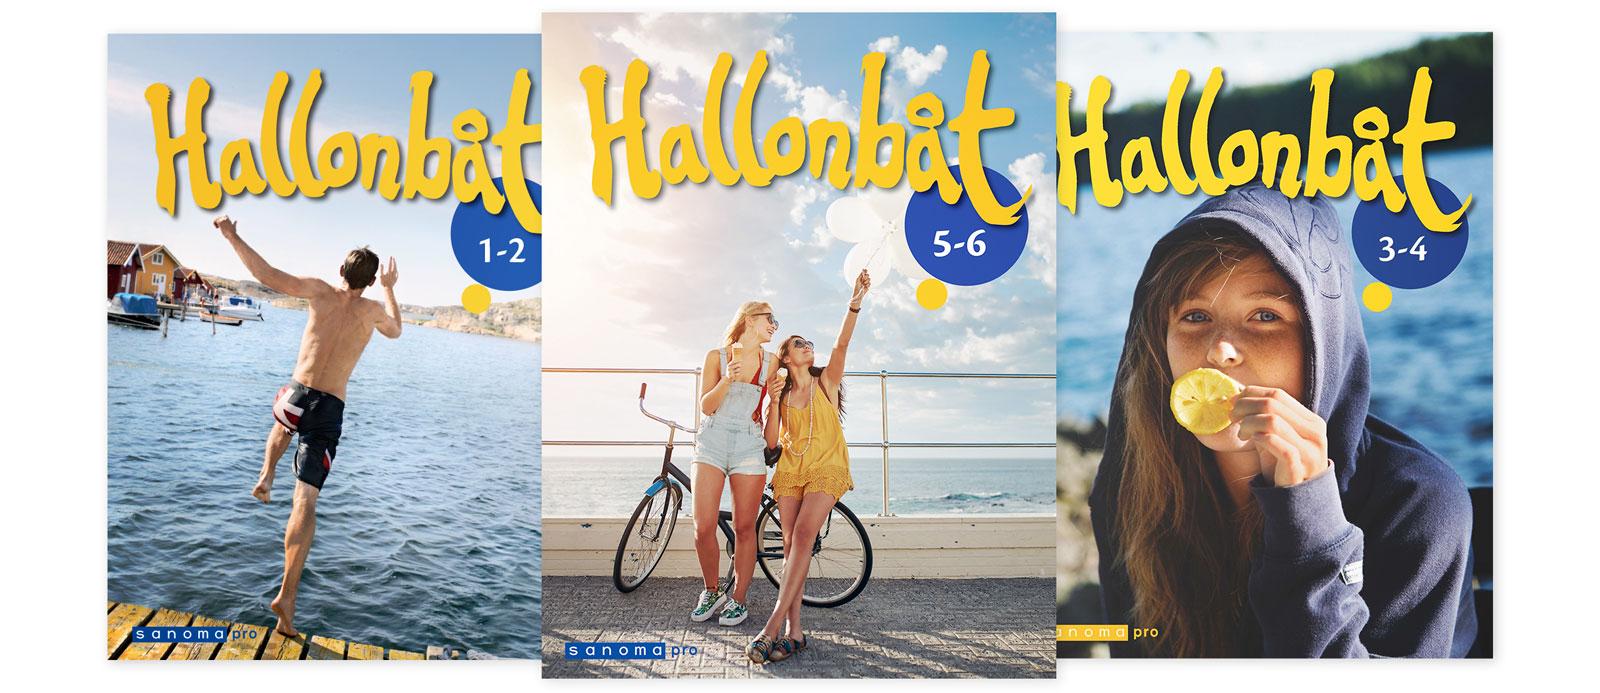 Sanoma Pron ruotsin sarja Hallonbåt